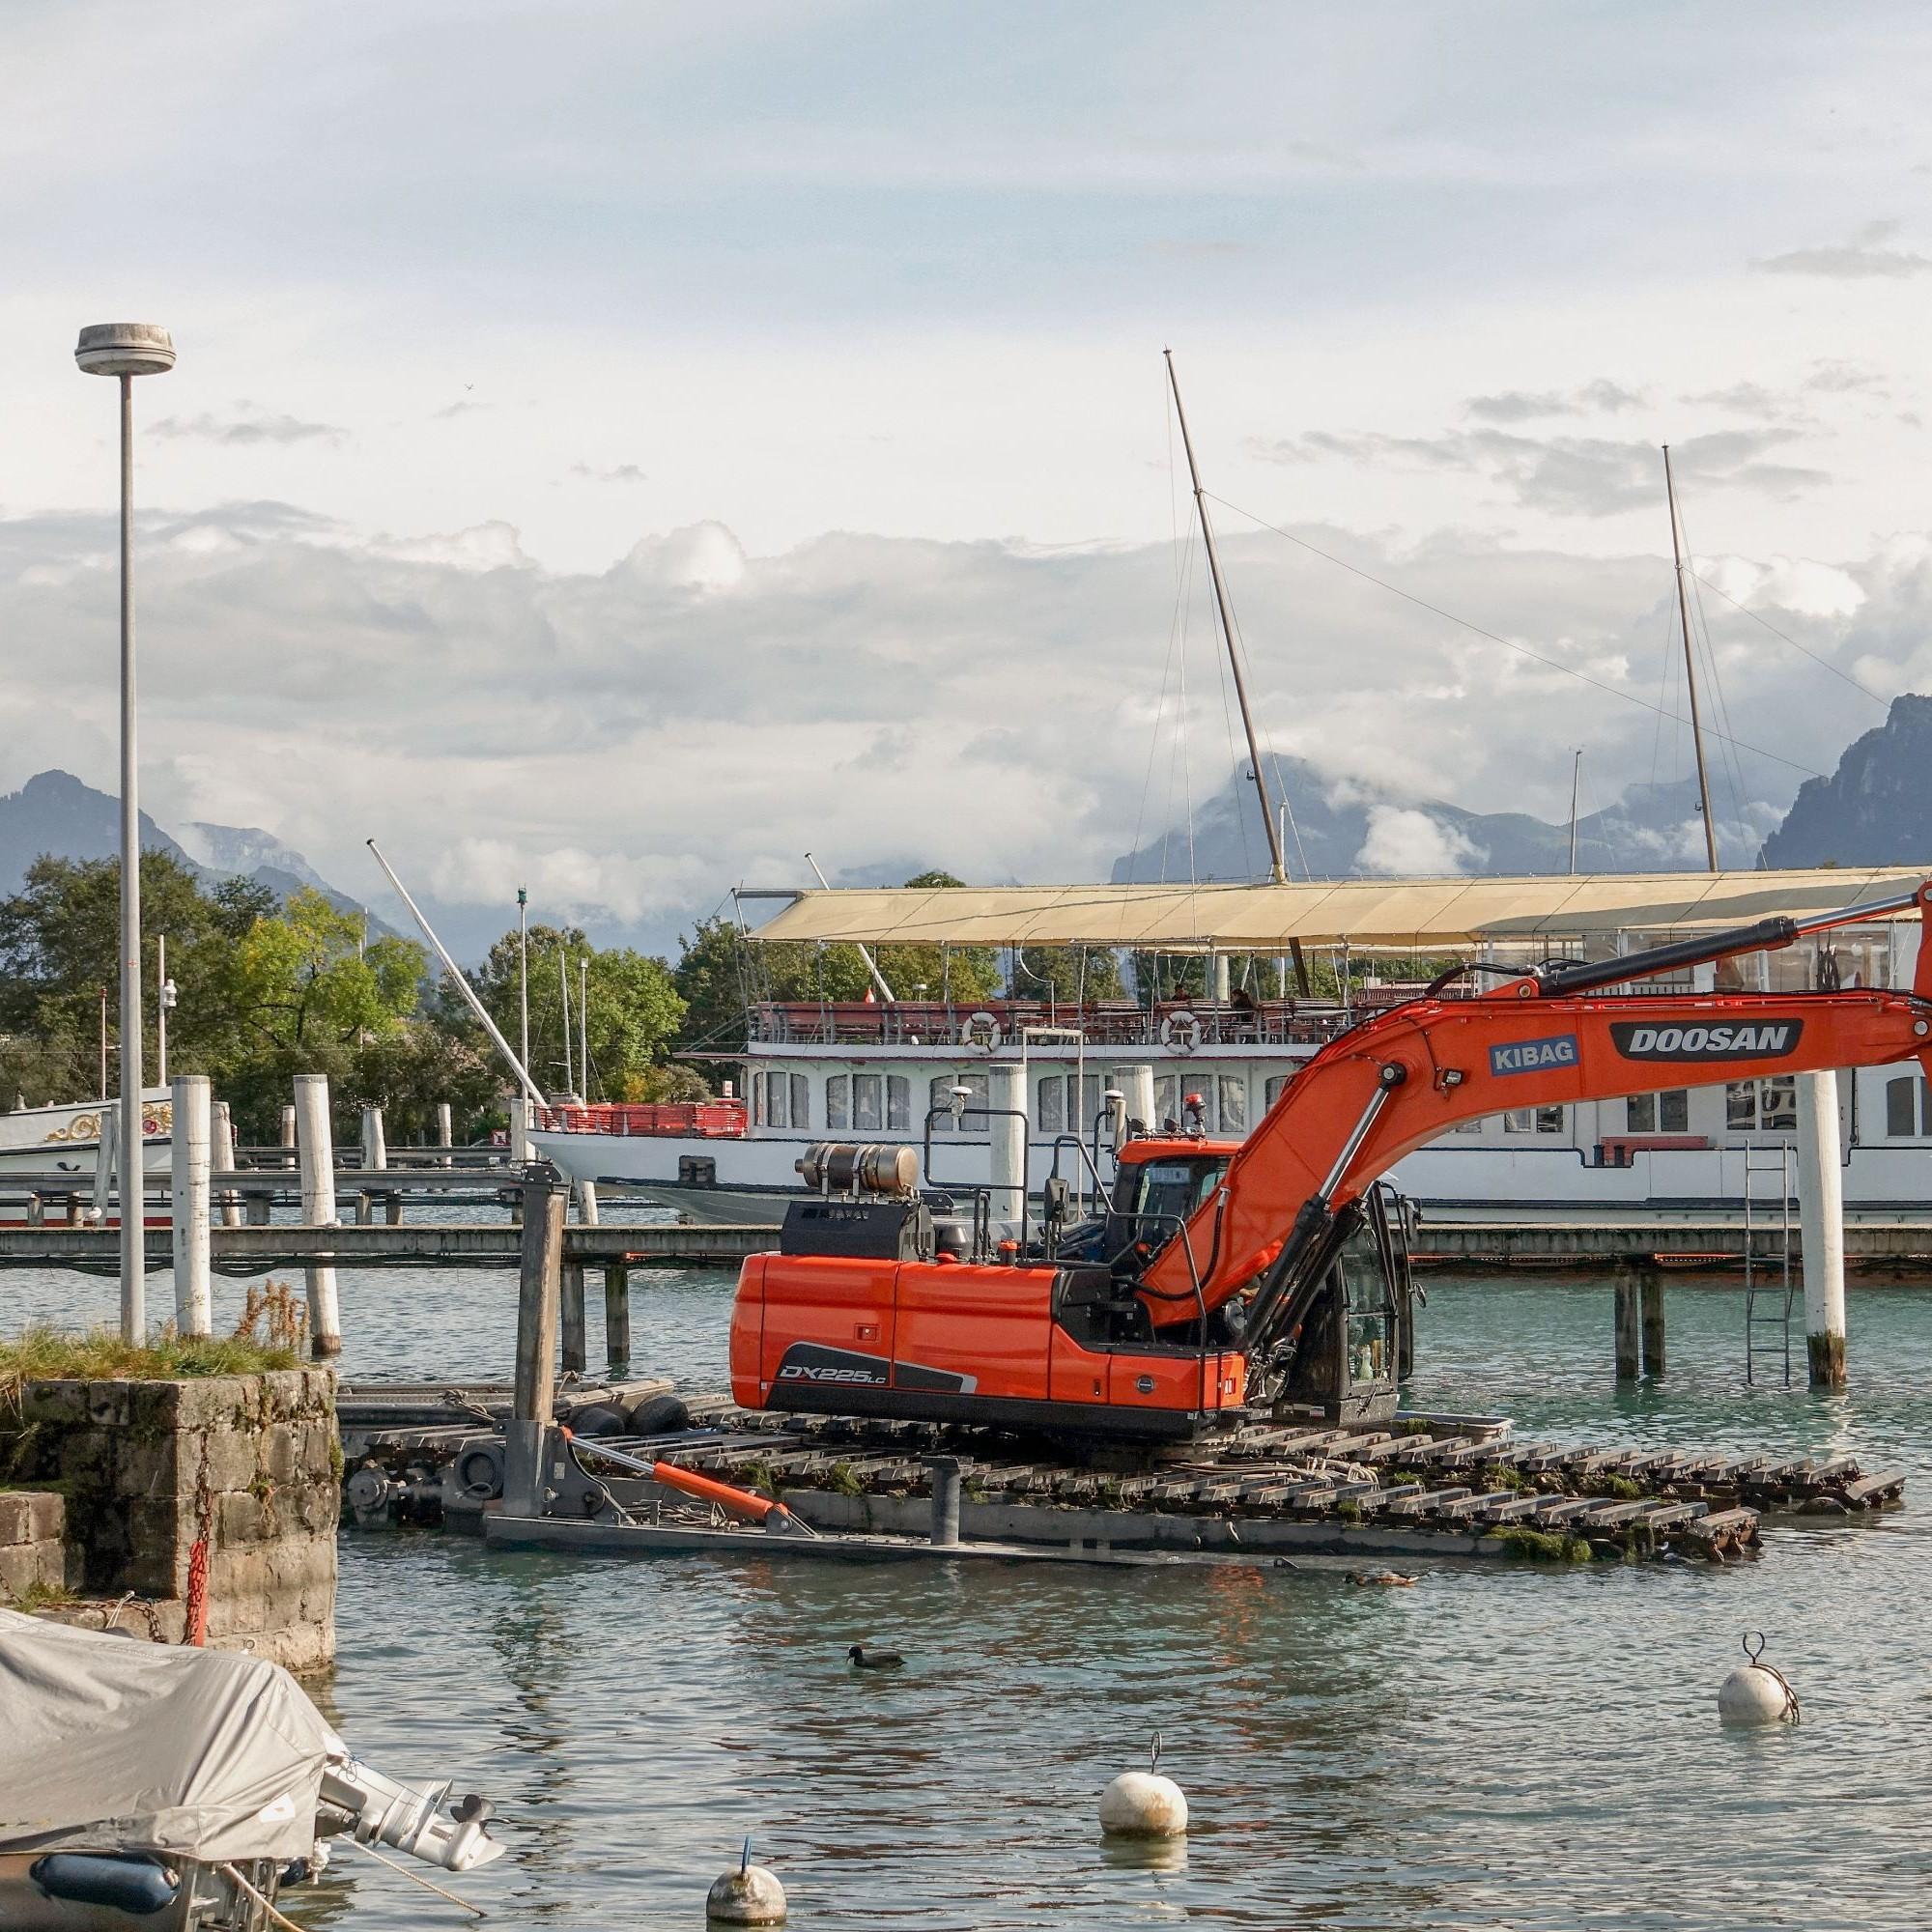 Putzaktion im Vierwaldstättersee: Im SGV-Hafen werden abgelagerte Sedimente abgetragen, um die Fahrrinne für Passagierschiffe wieder frei zu machen.